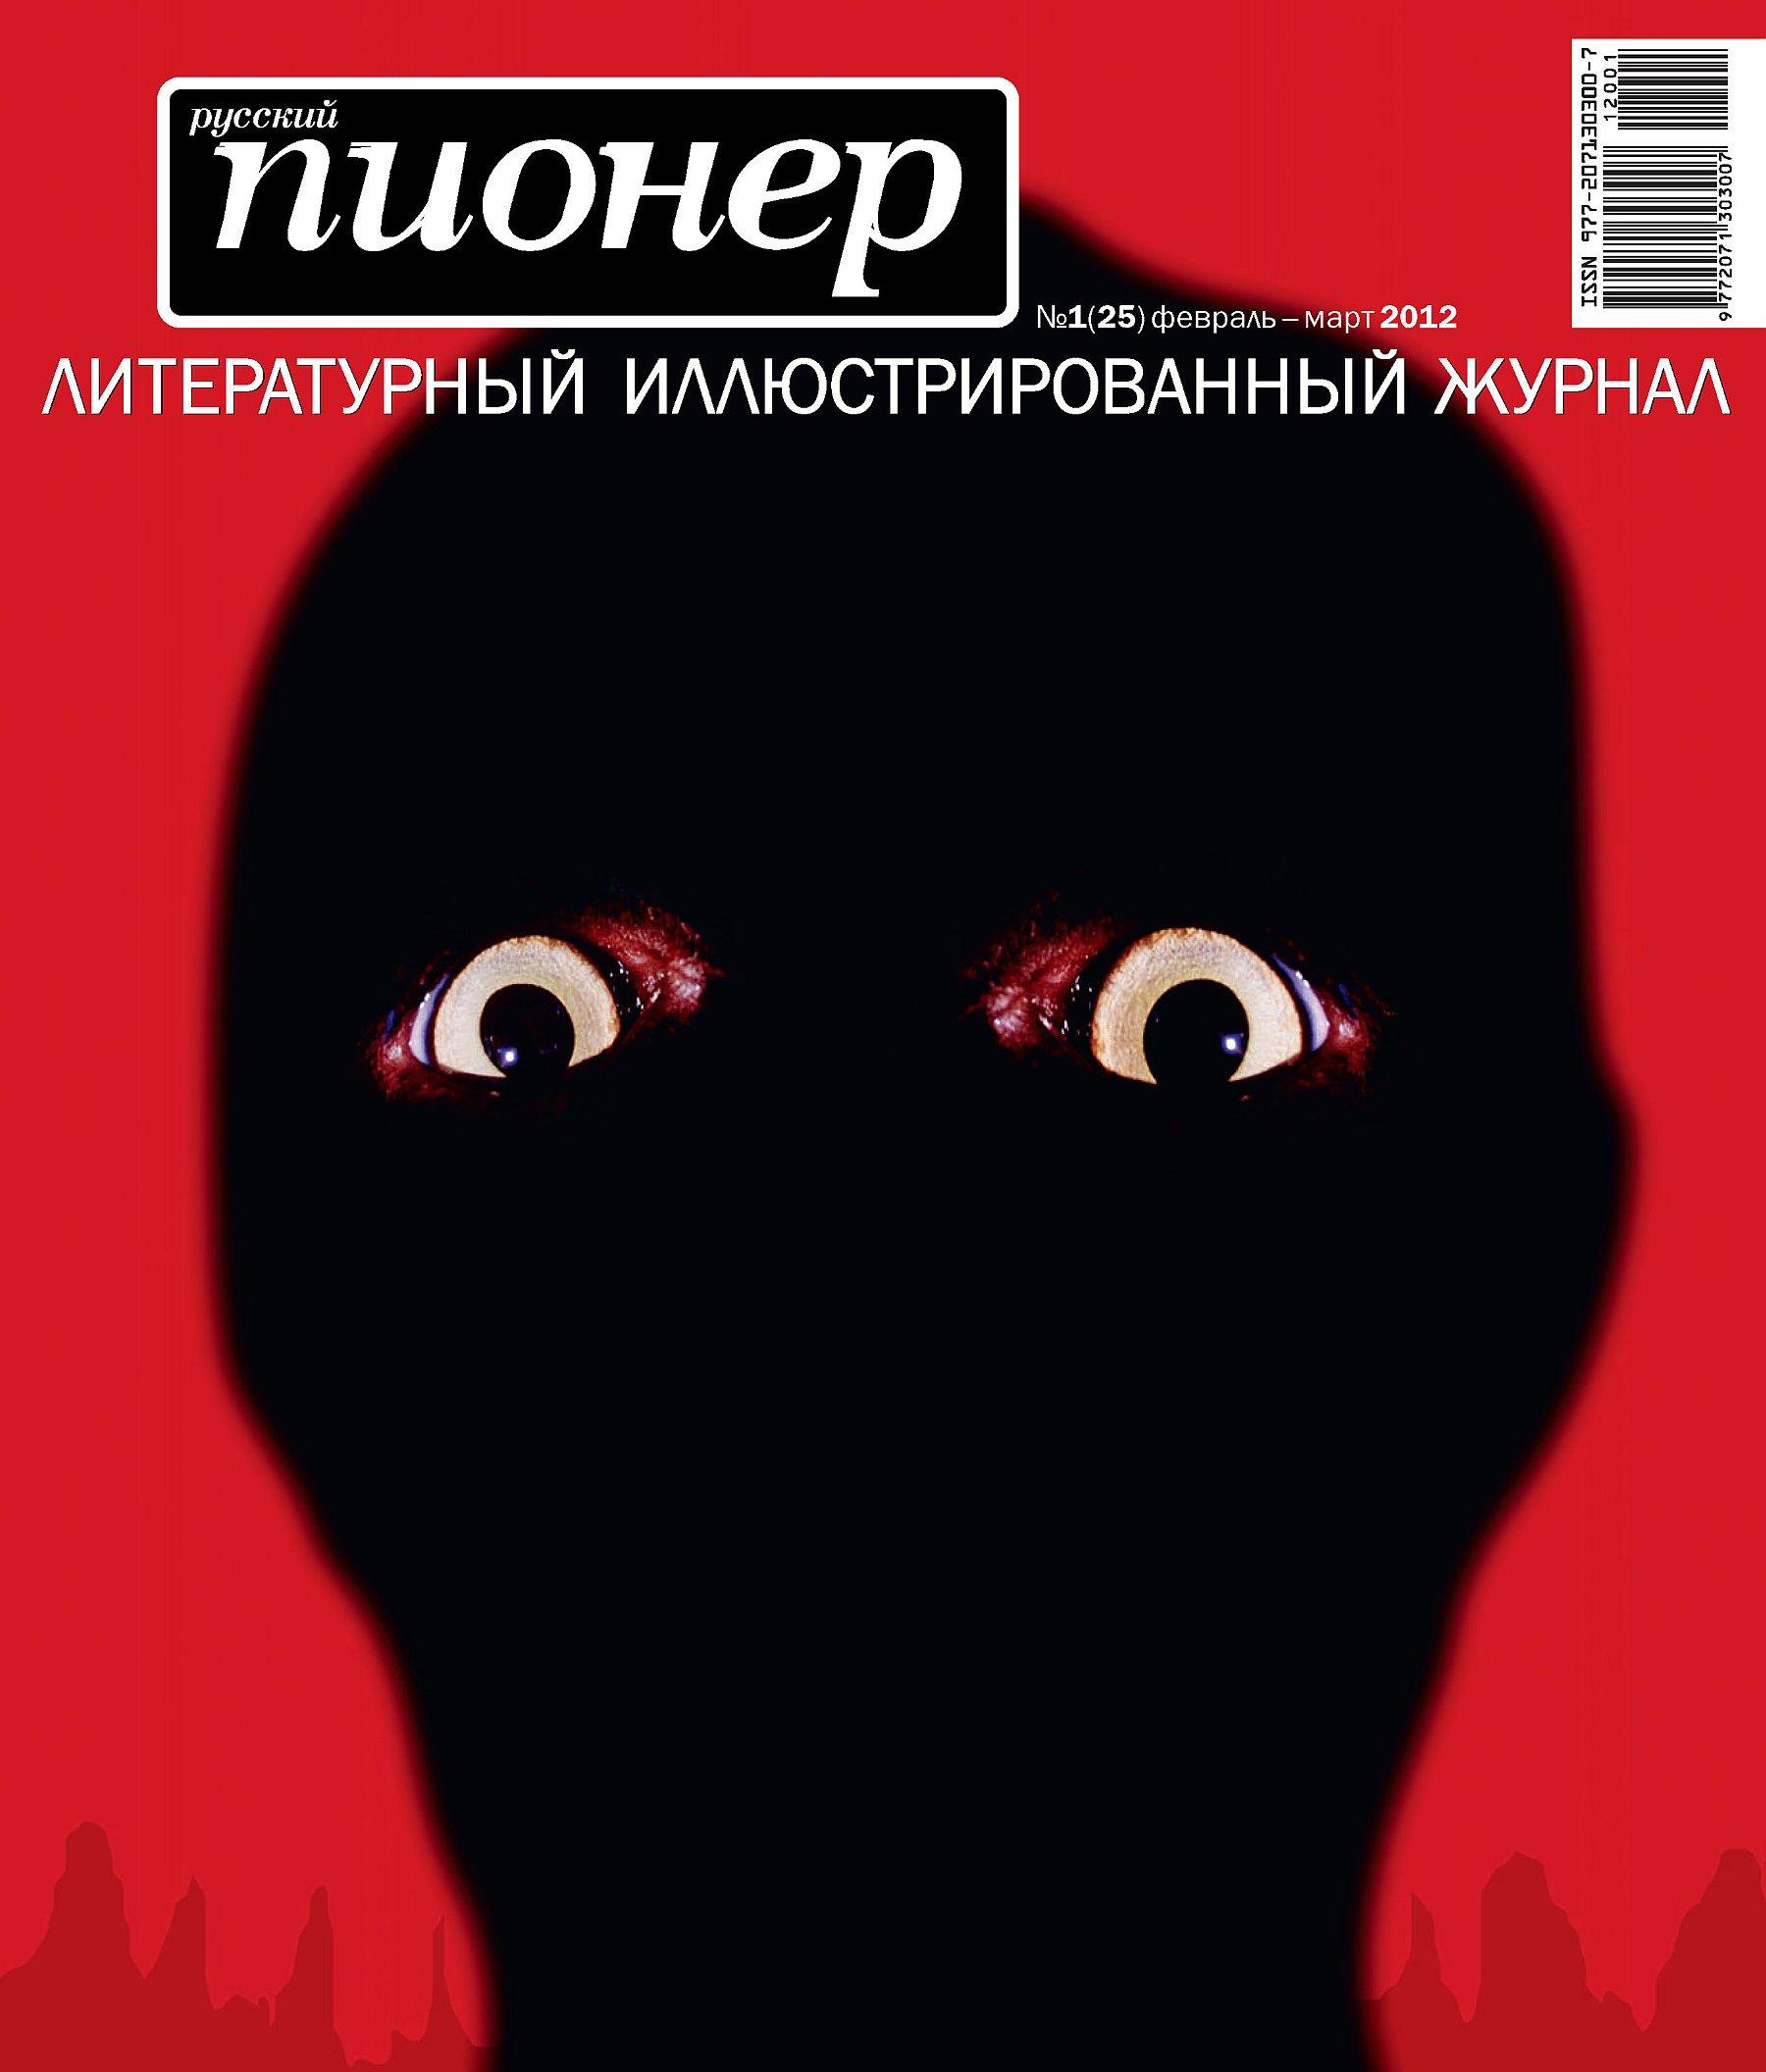 Отсутствует Русский пионер №1 (25), февраль-март 2012 отсутствует русский пионер 3 27 май 2012